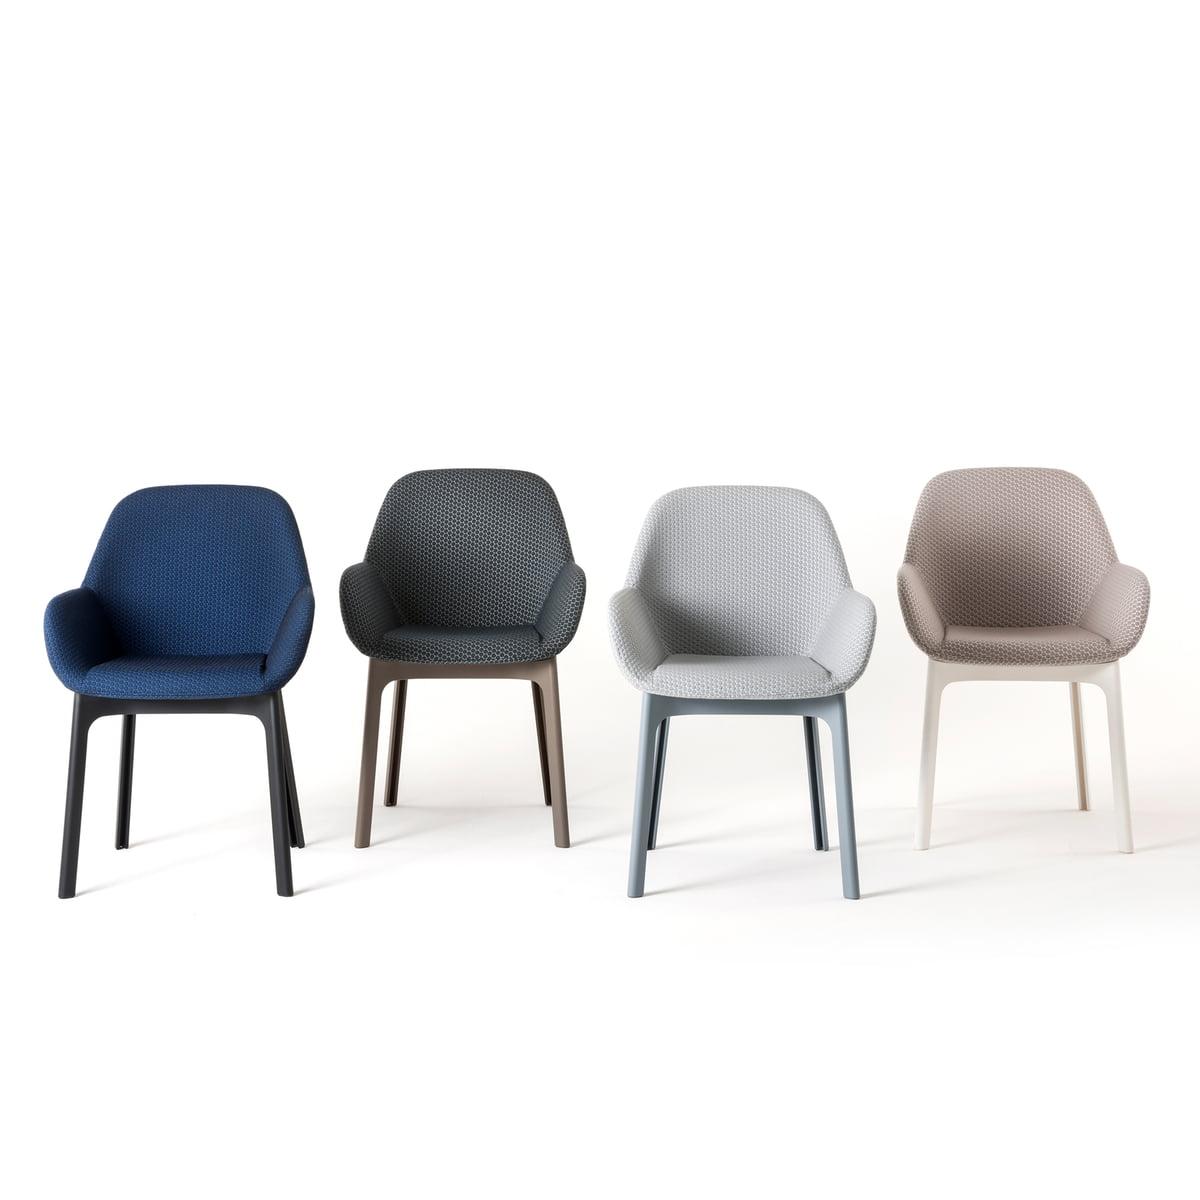 chaise clap de kartell connox. Black Bedroom Furniture Sets. Home Design Ideas